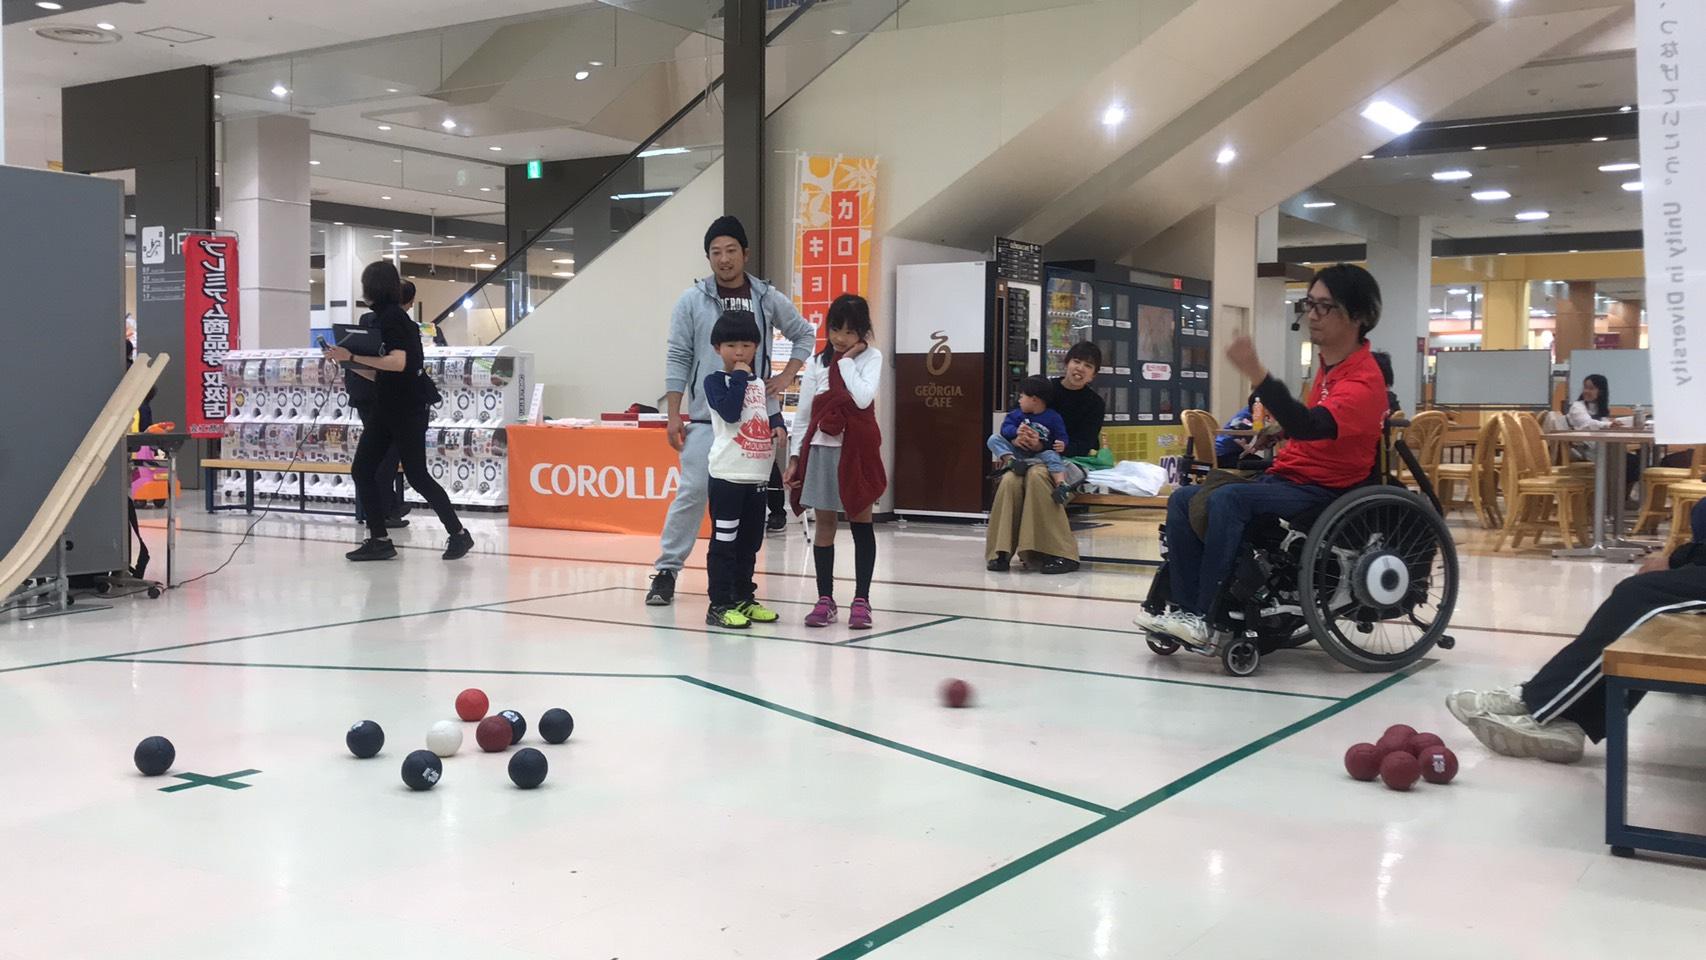 パラスポーツ啓発事業 in 京都府精華町